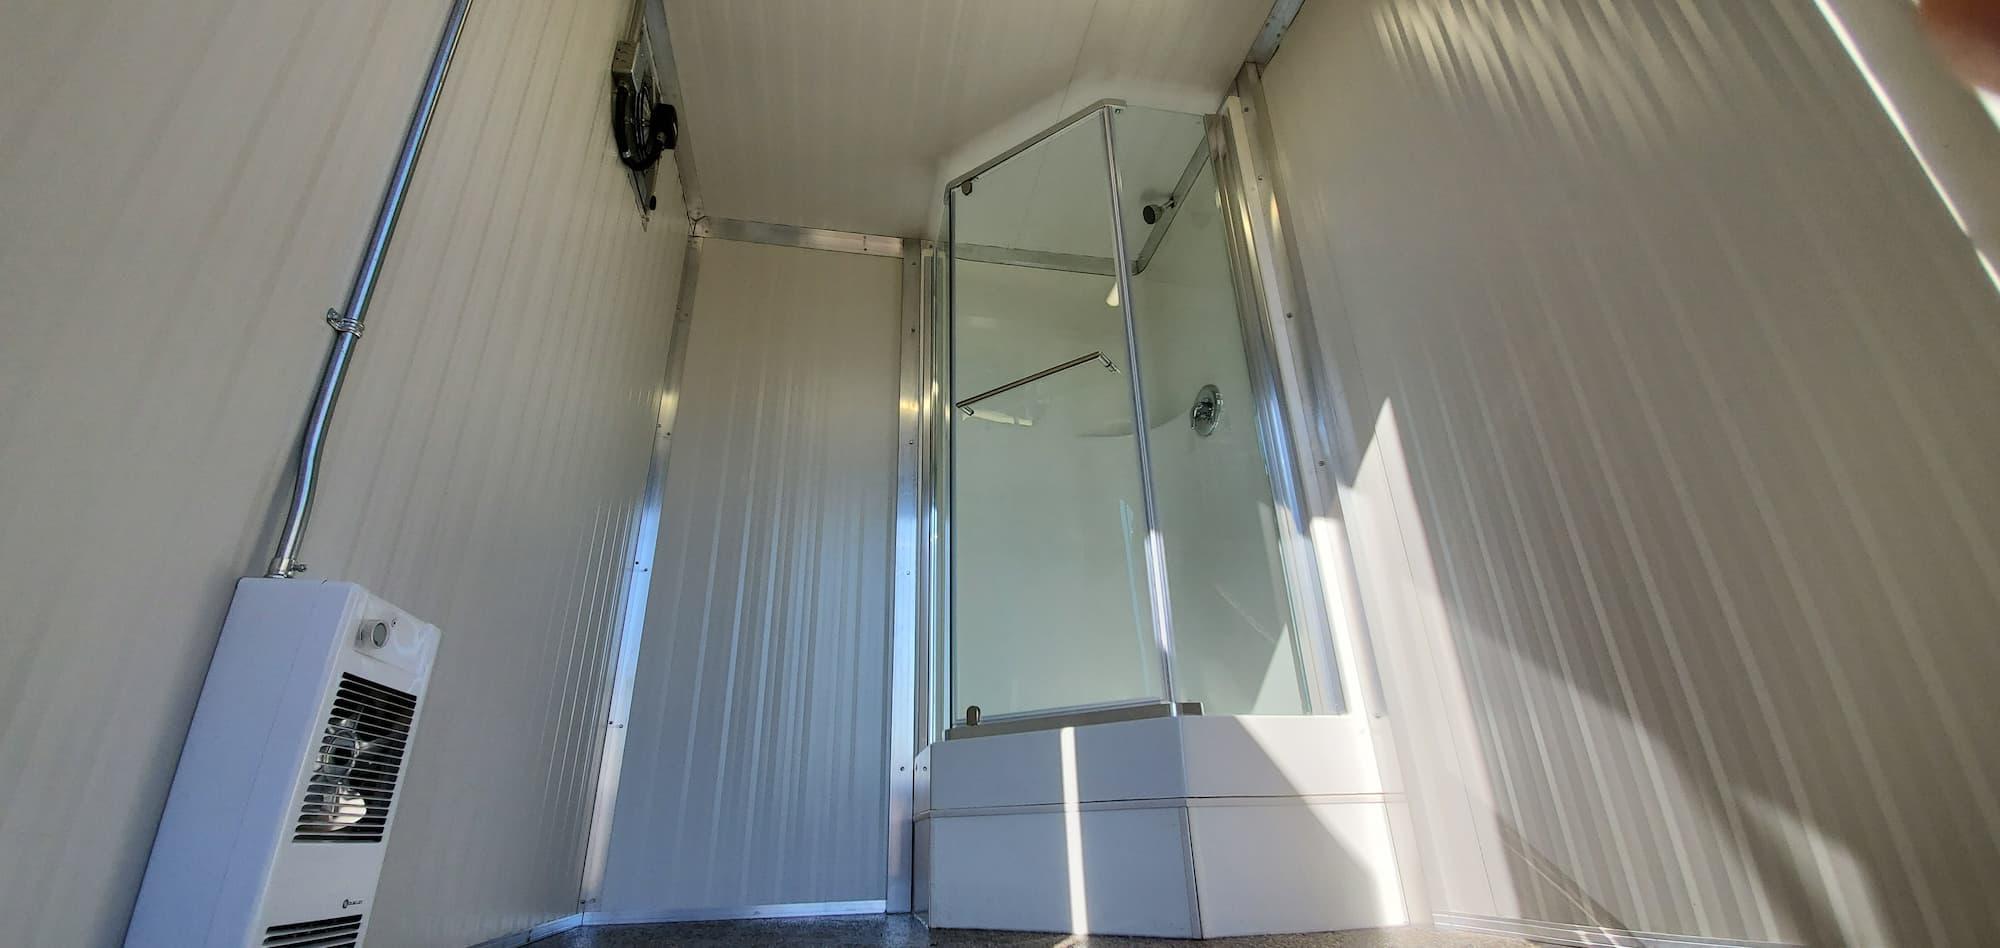 Mobile shower trailer rentals